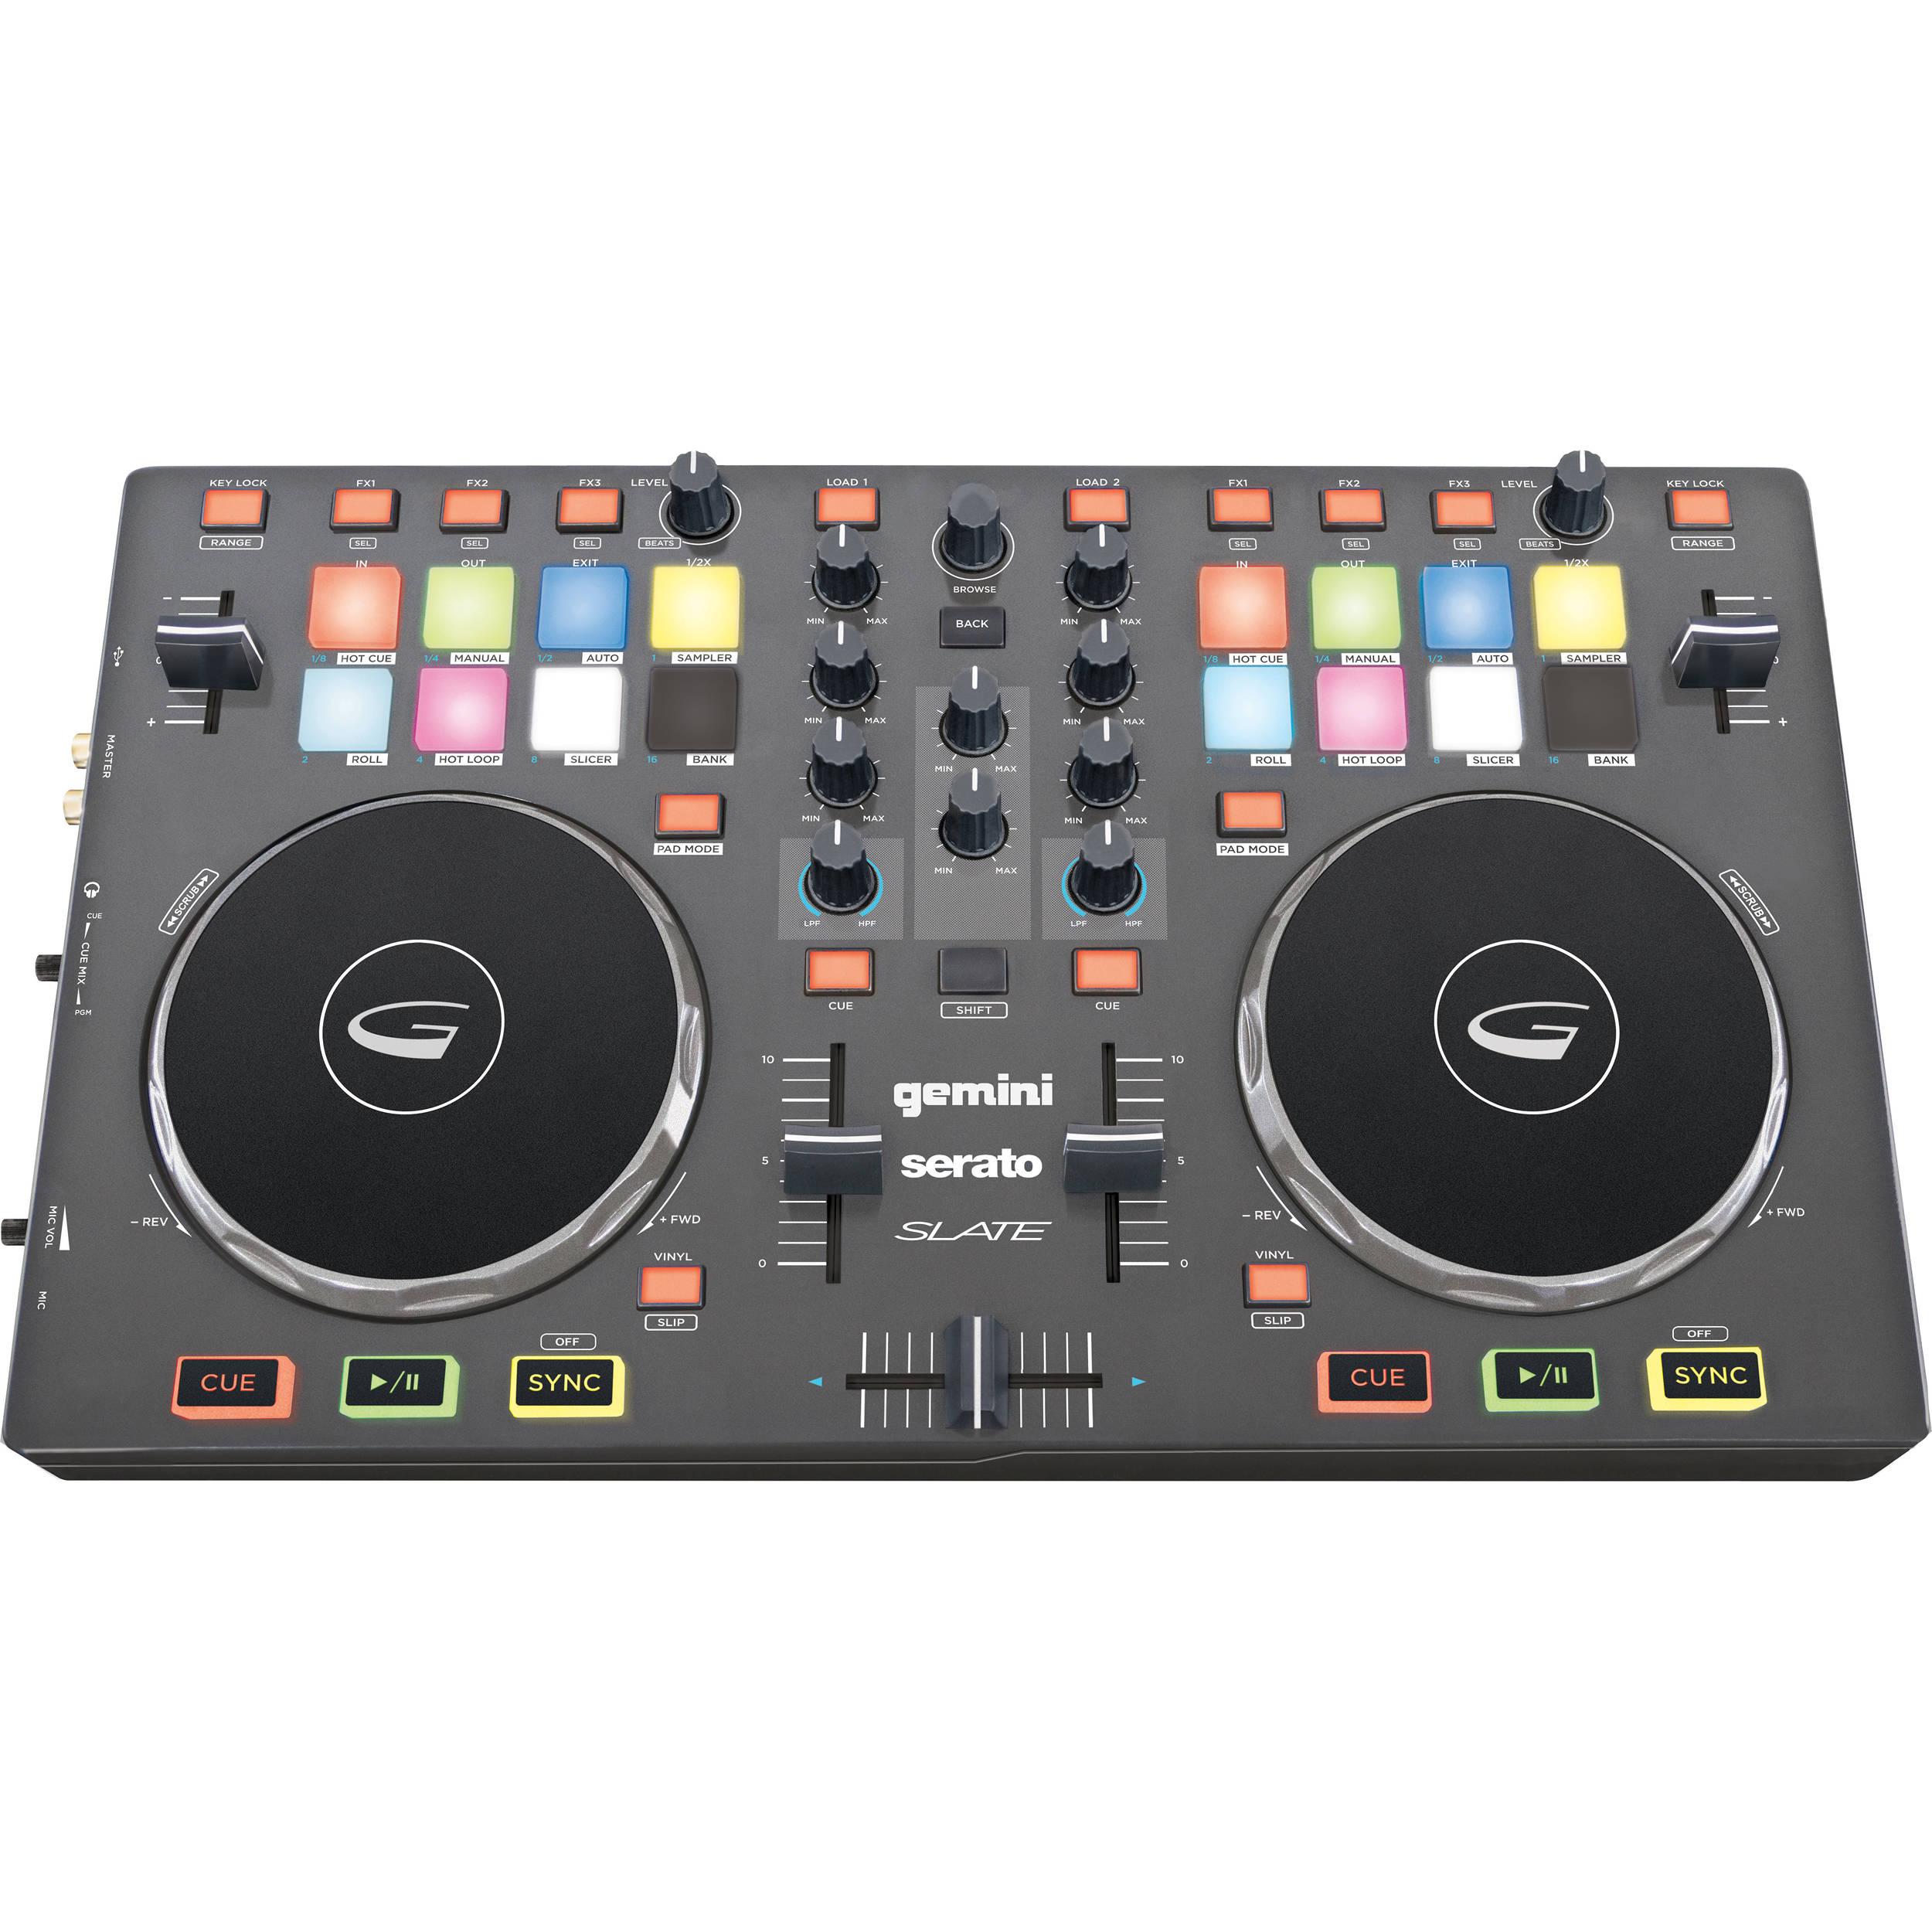 Gemini SLATE 2-Channel Slim Virtual DJ Controller with Serato DJ Intro